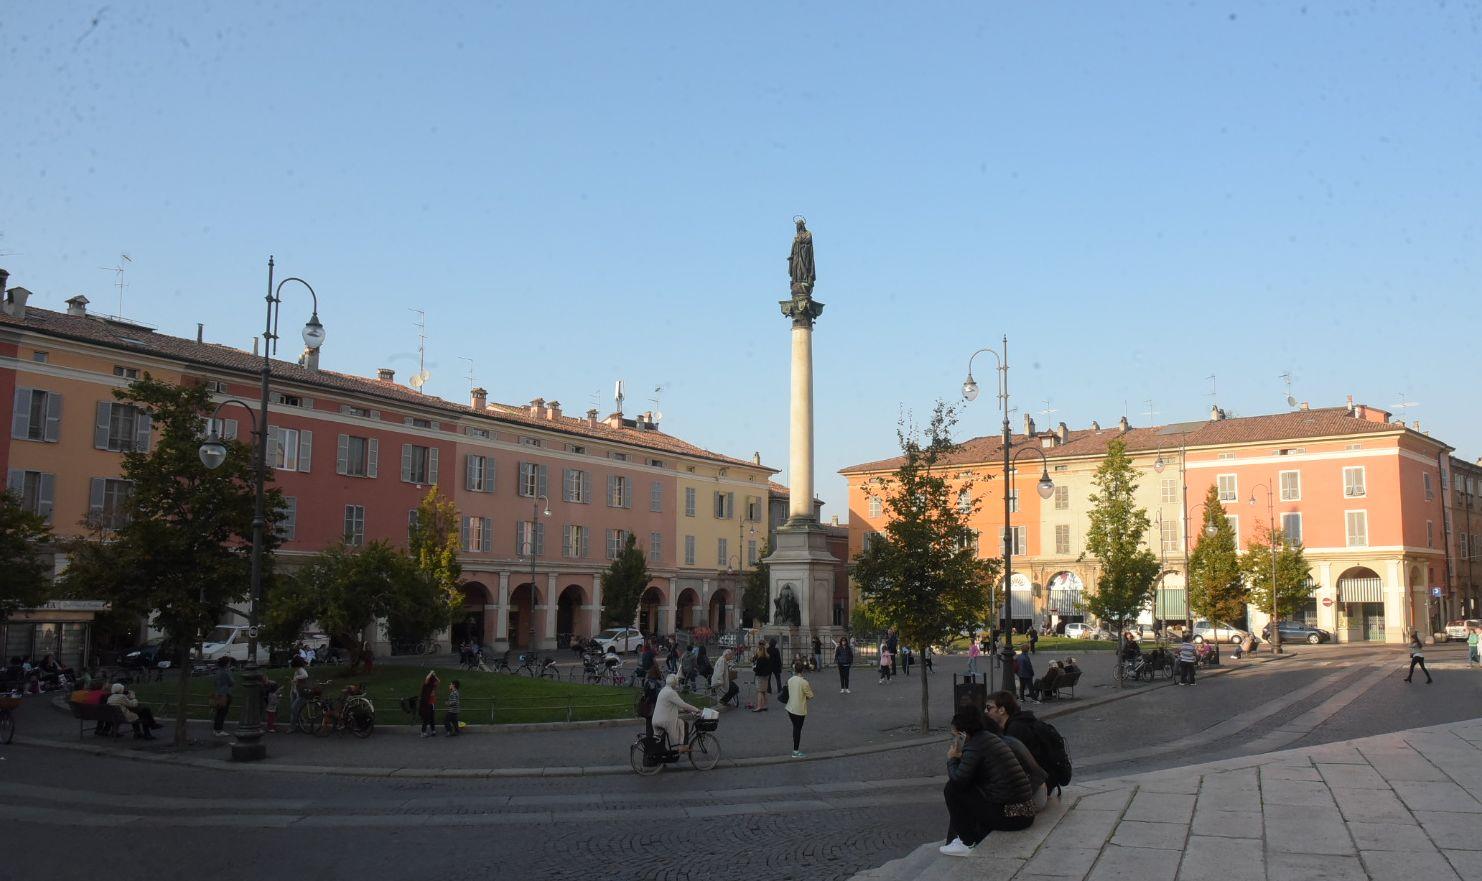 Thinking day, domani mille scout a Piacenza per la festa Agesci